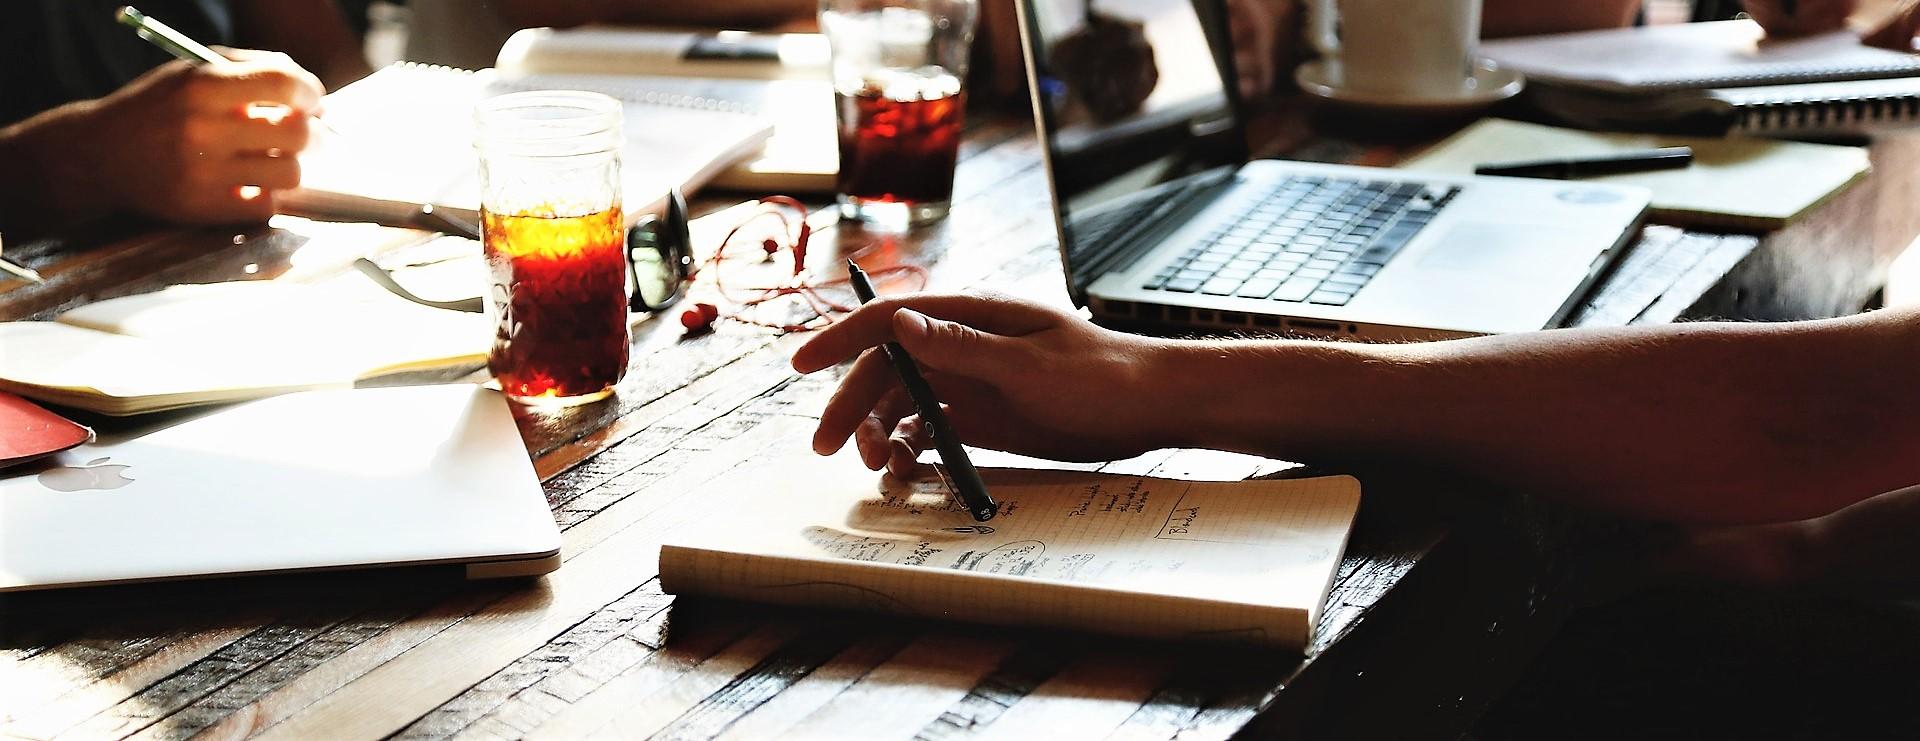 Tafel met computers, nota's en pennen